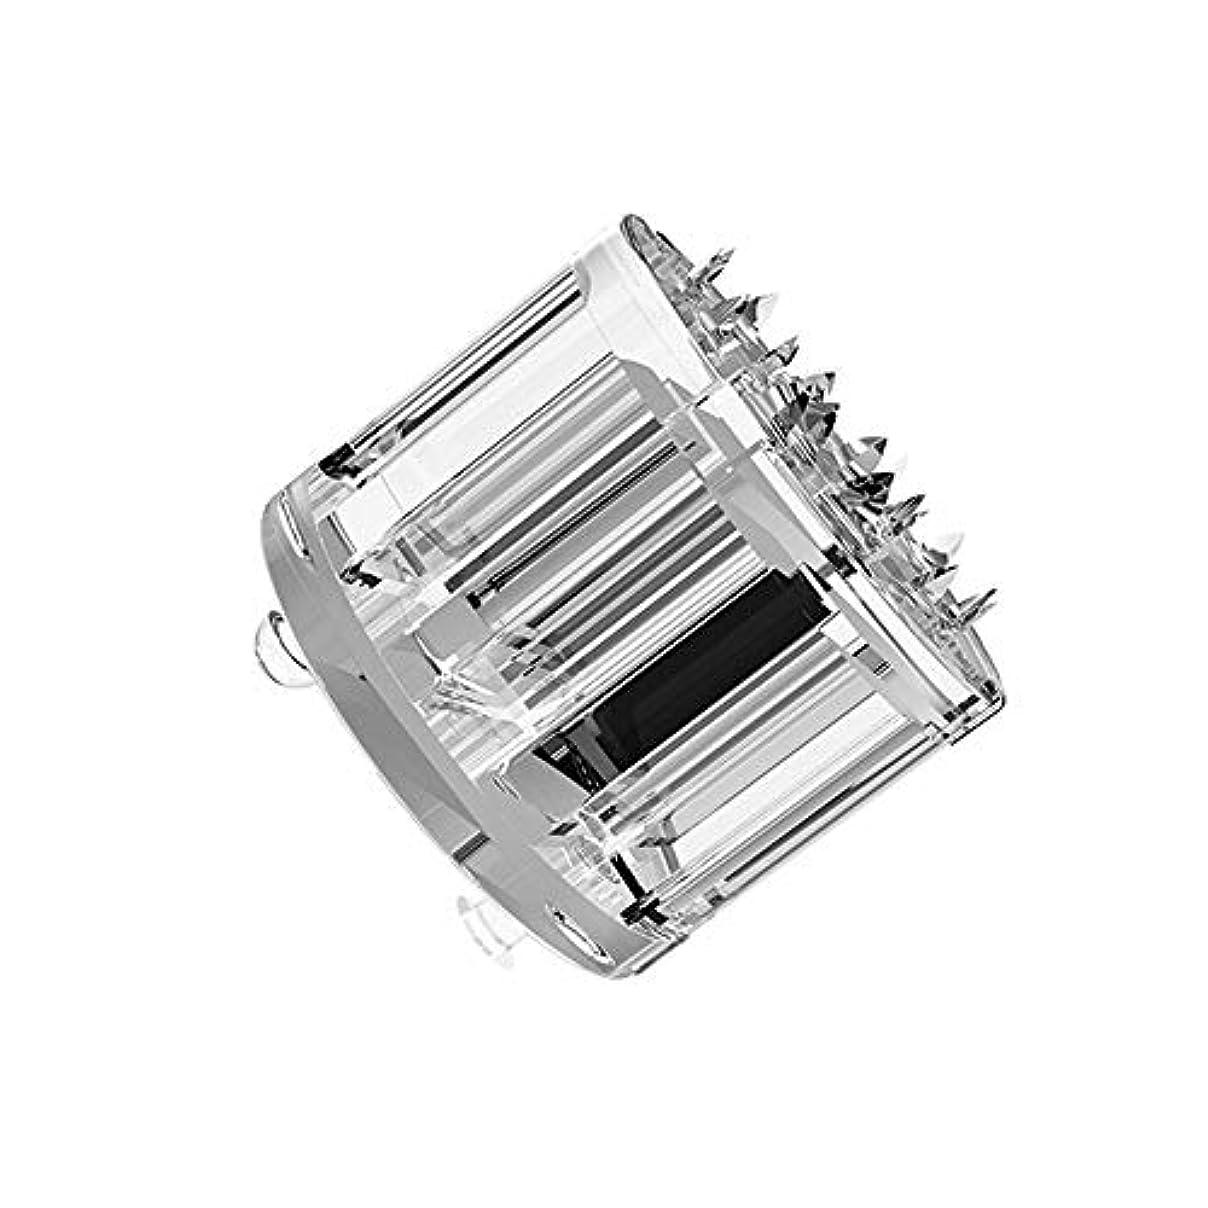 ミルク演劇ありがたいMTS Home Care Micro pin-10ea (ticktok用) ティク ホームケア マイクロピン 化粧品の浸透 コラーゲン 肌の弾力 アップ マイクロピン 毛穴や小じわ 角質ケア